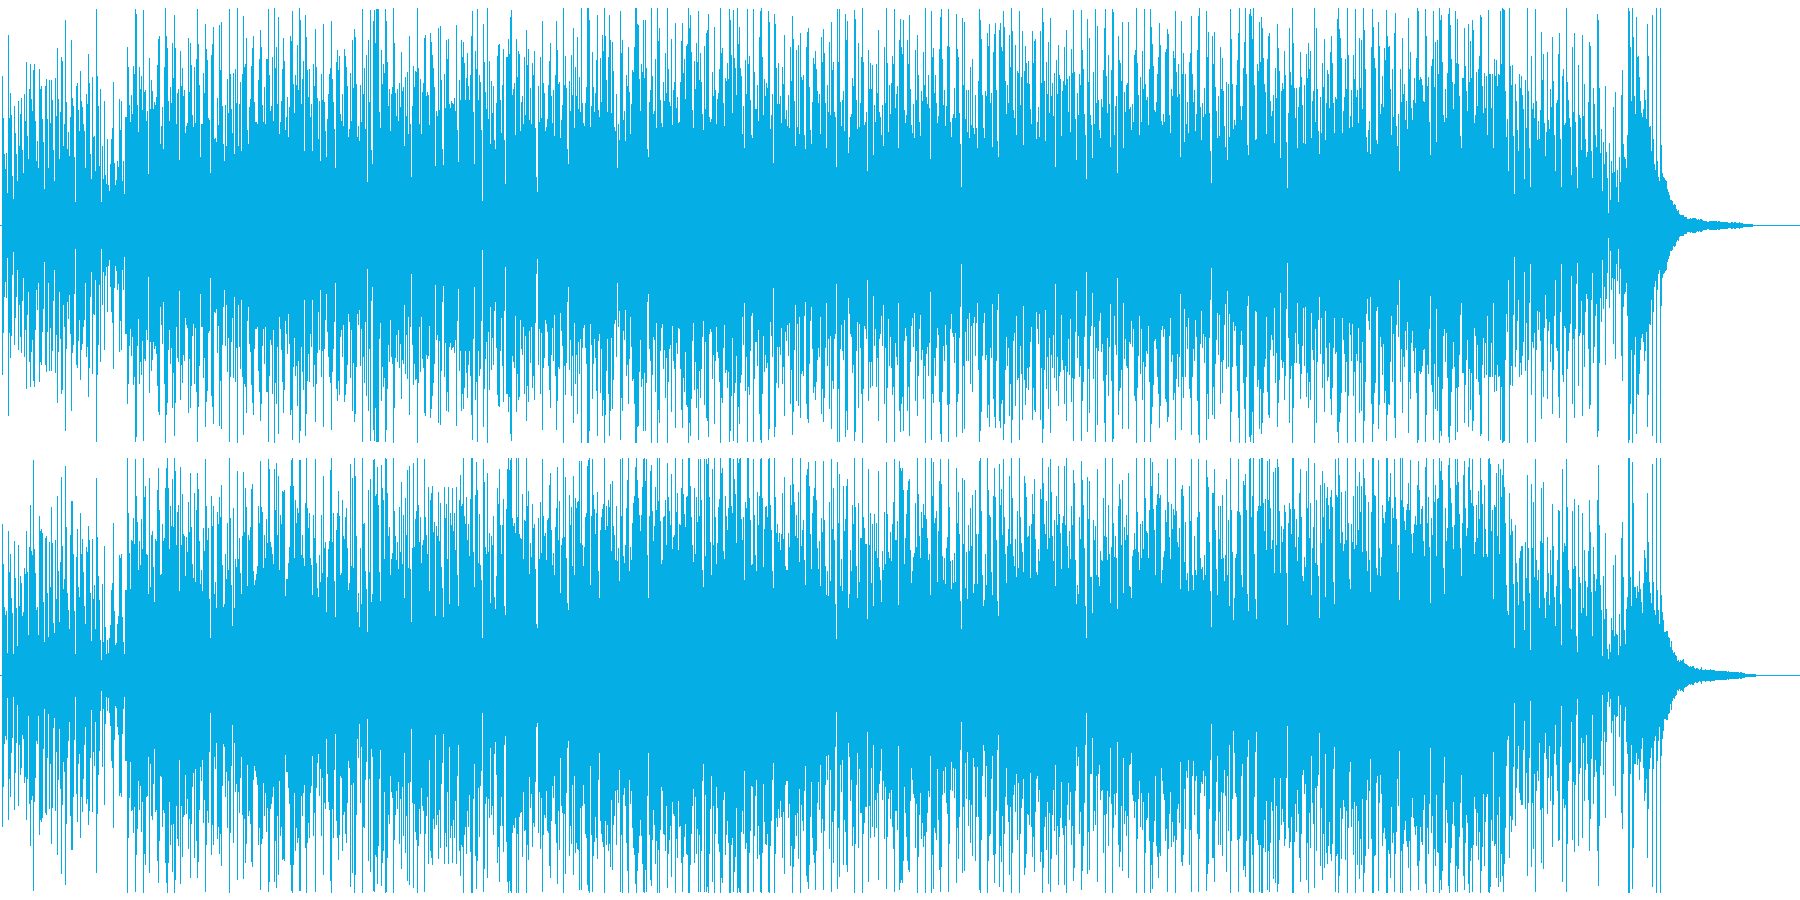 疾走感あるおしゃれなピアノジャズボサノバの再生済みの波形